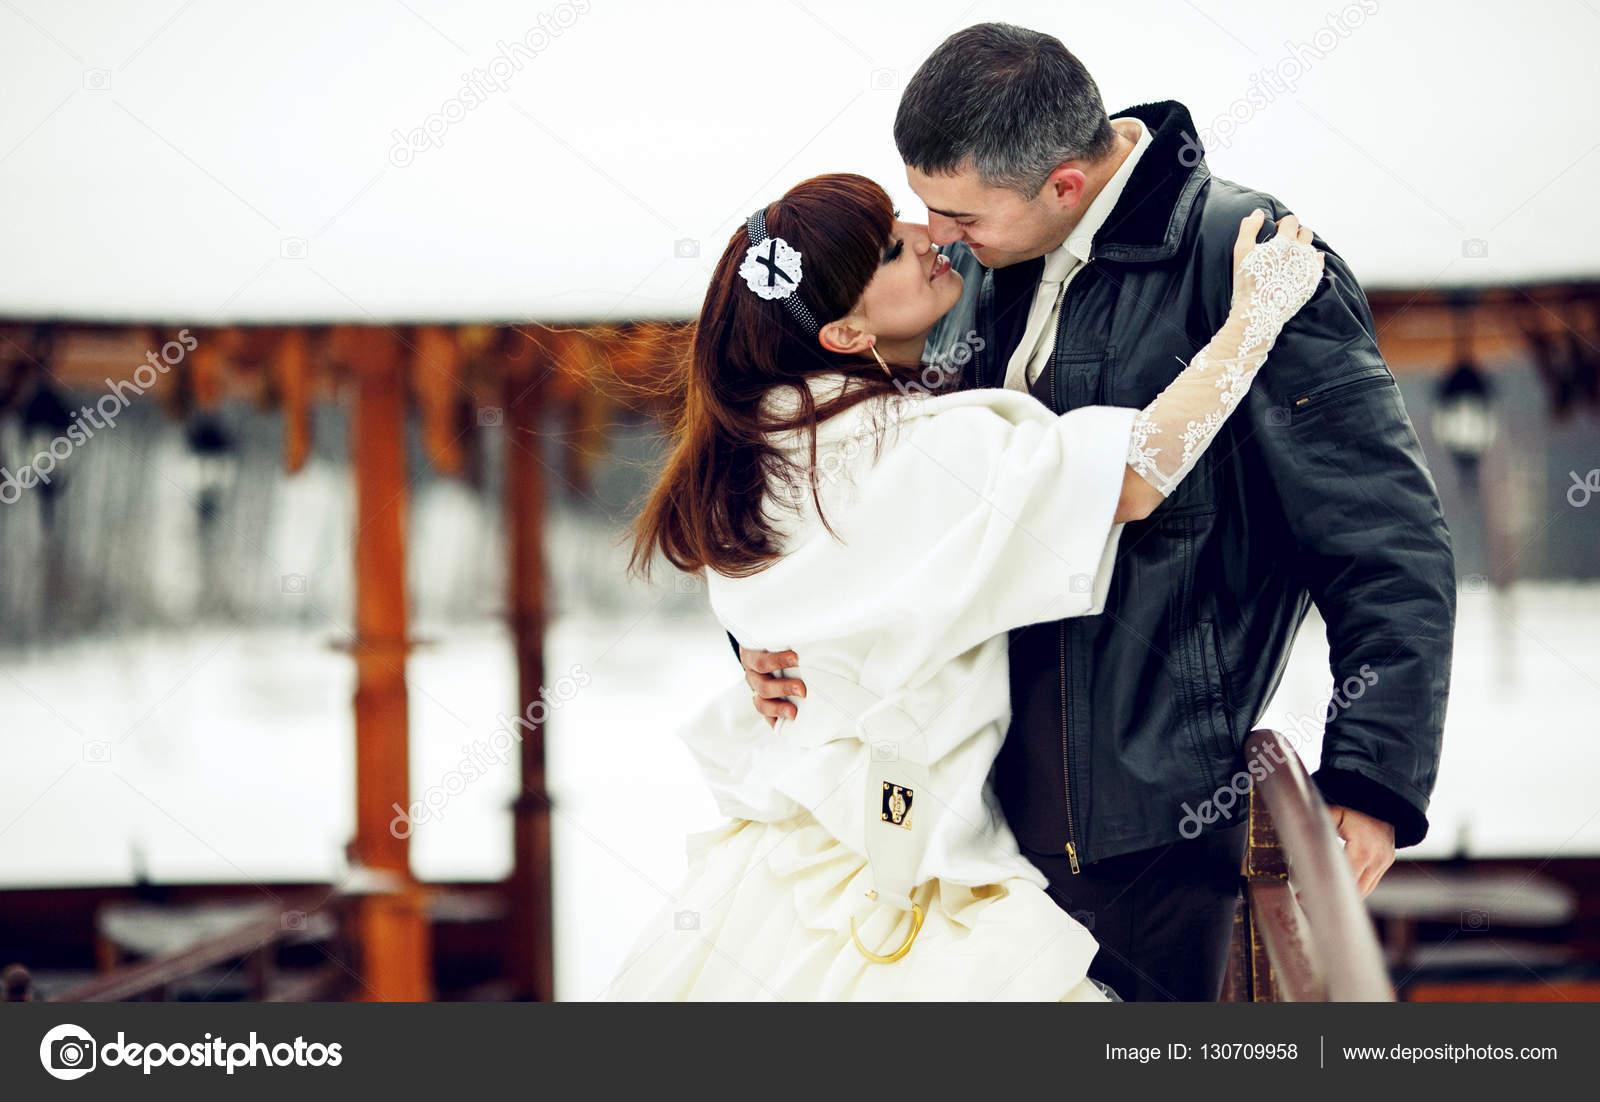 9896f5a42067 Sposa raggiunge per bacio dello sposo